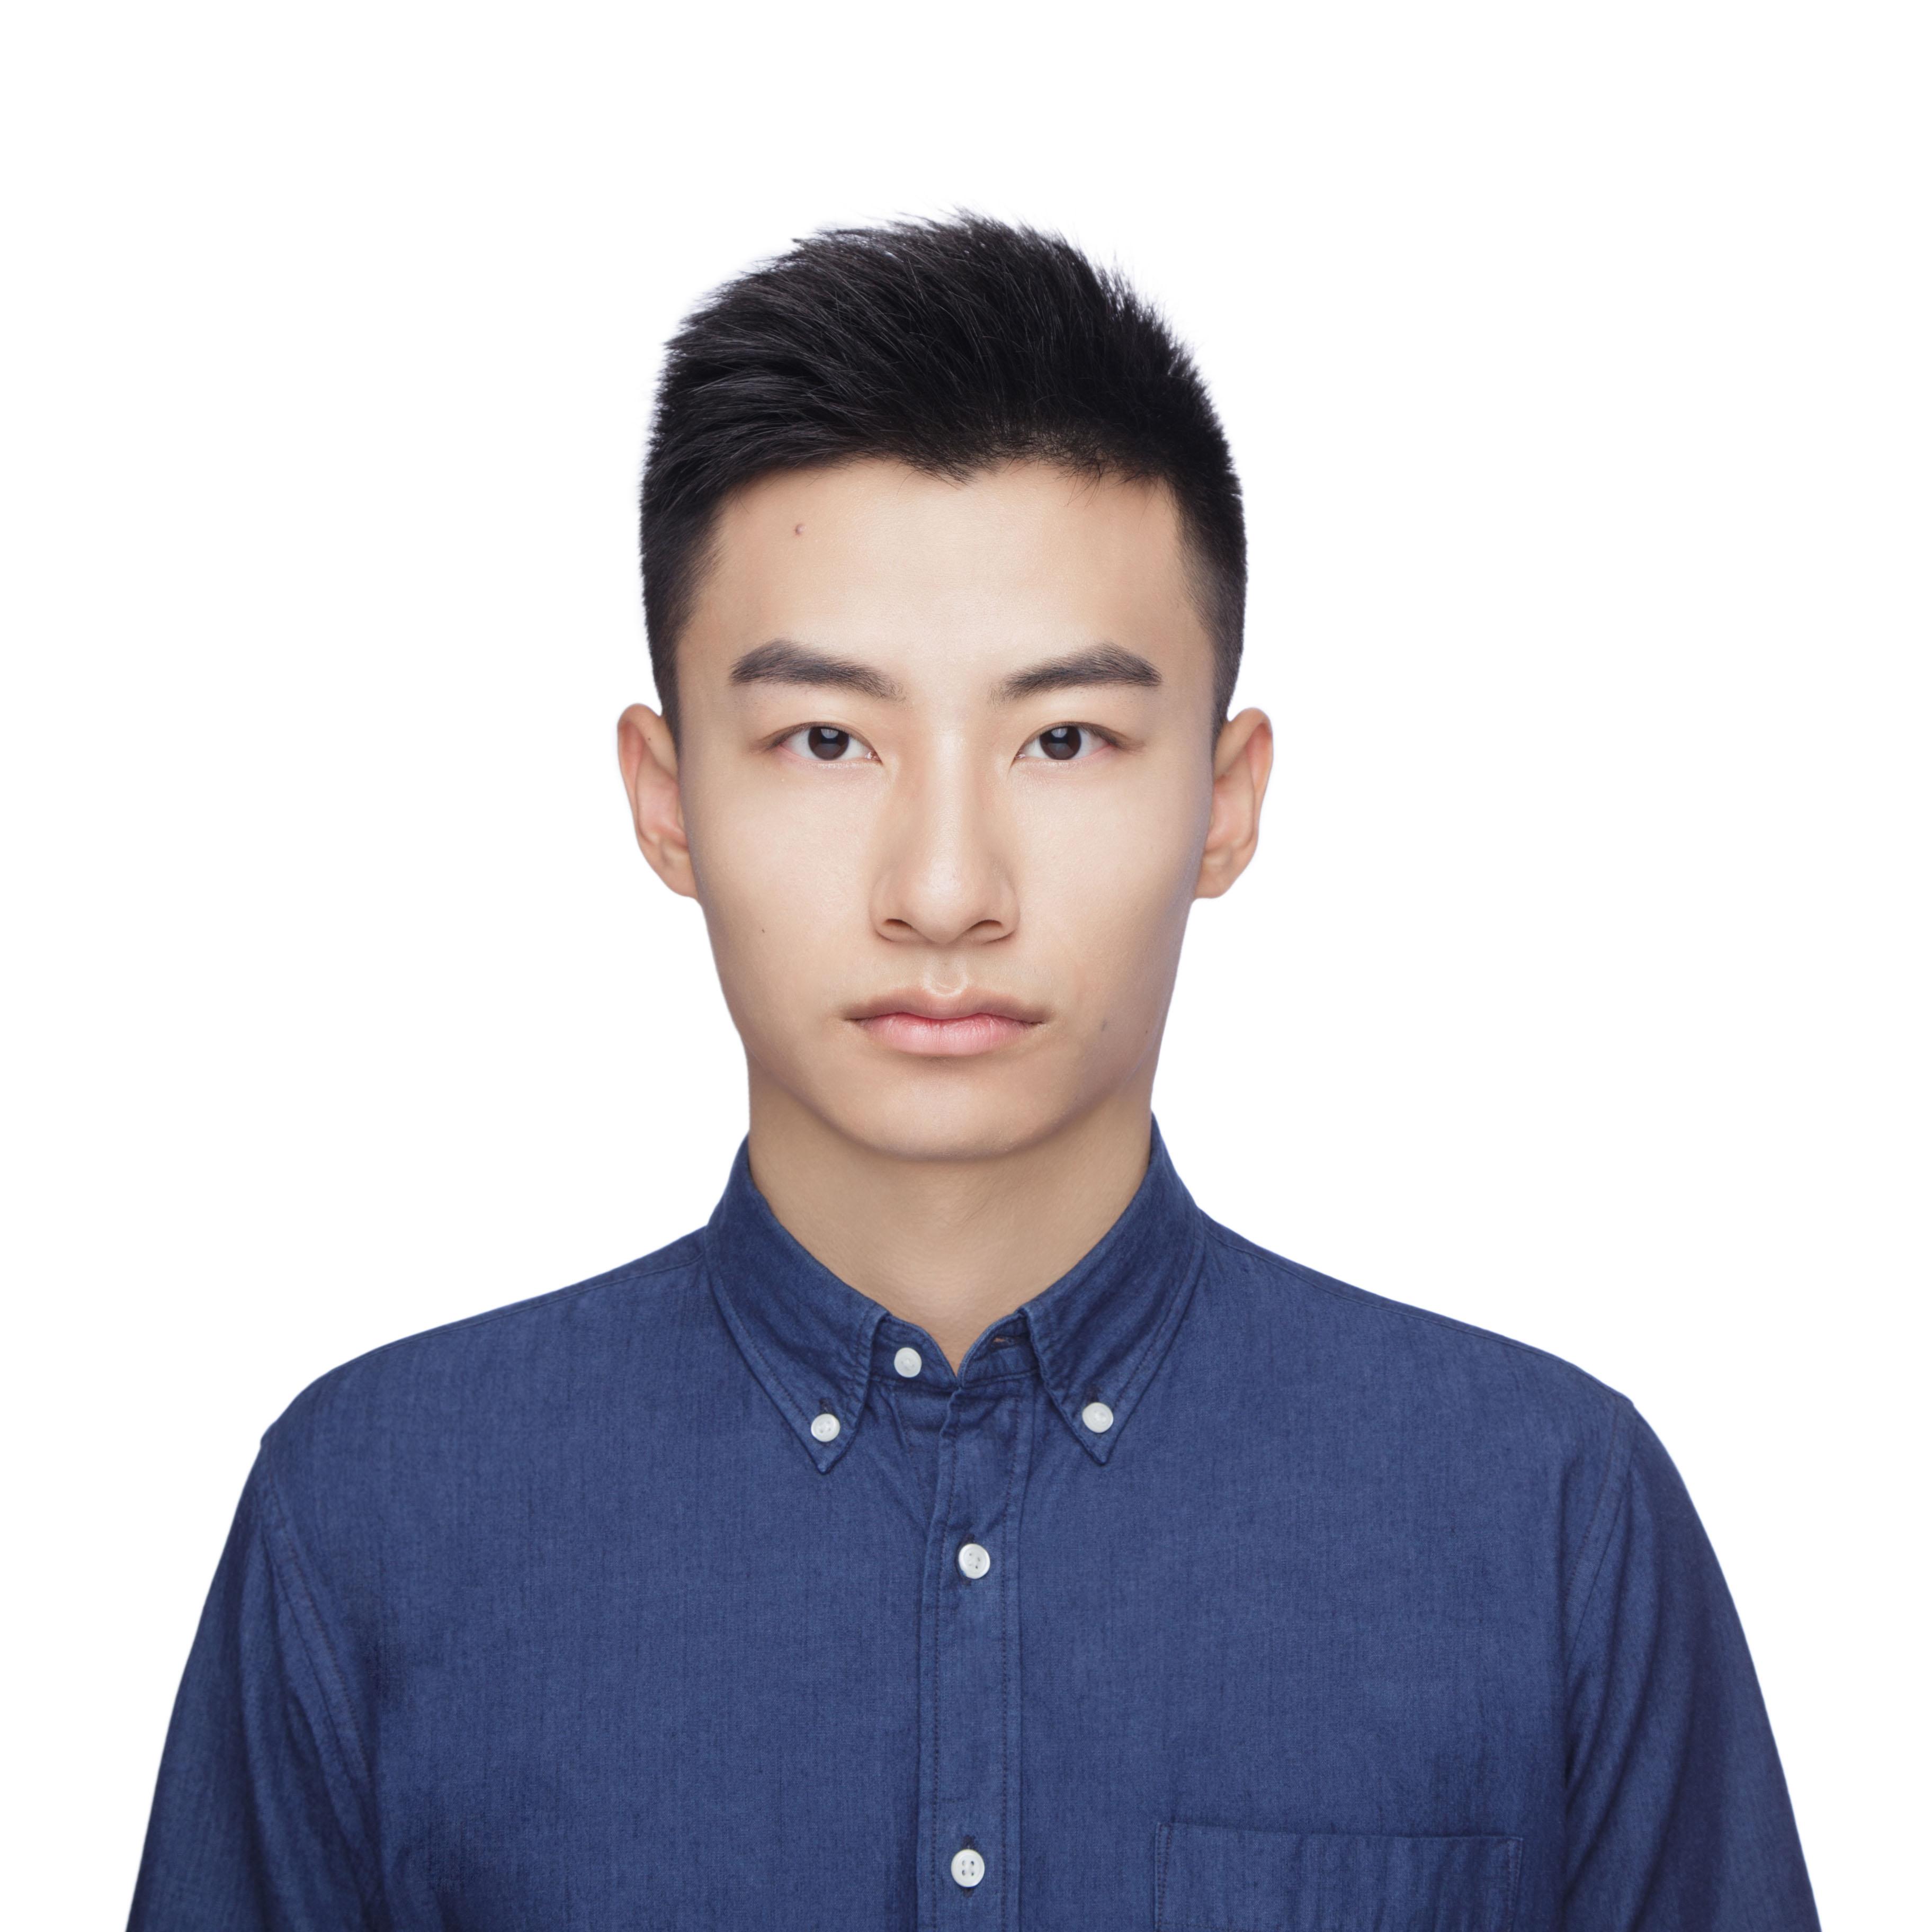 Junliang Guo